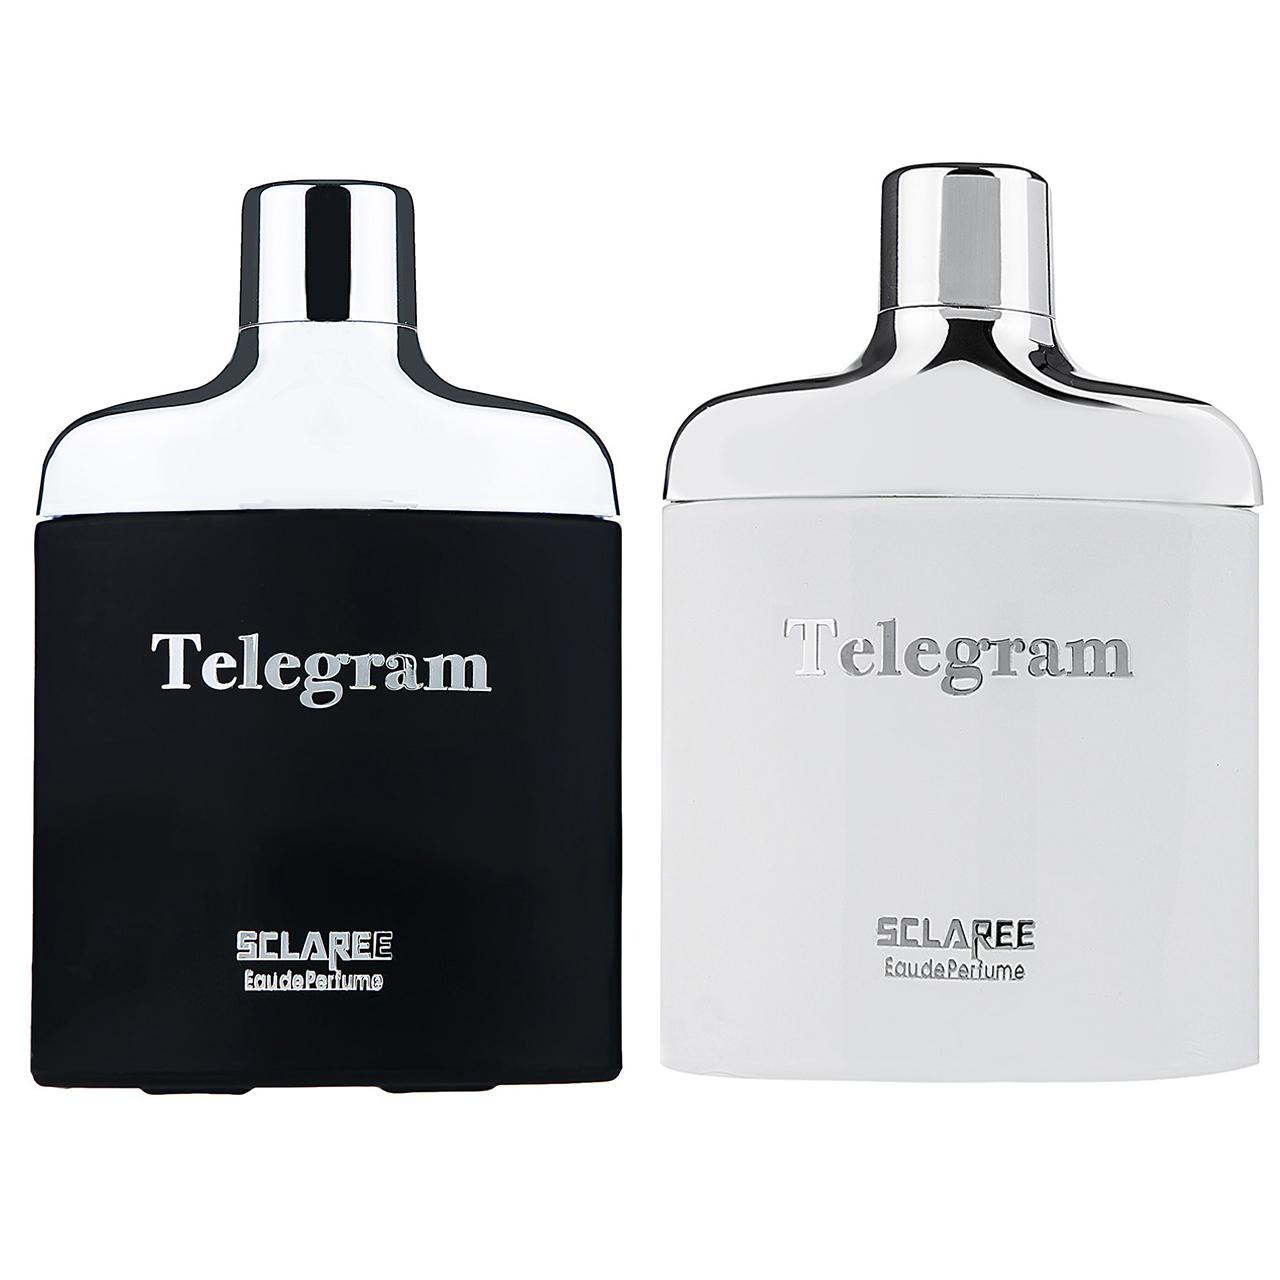 ادوپرفیوم زنانه اسکلاره مدل Telegram به همراه ادوپرفیوم مردانه اسکلاره مدل Telegram حجم 100میلی لیتر